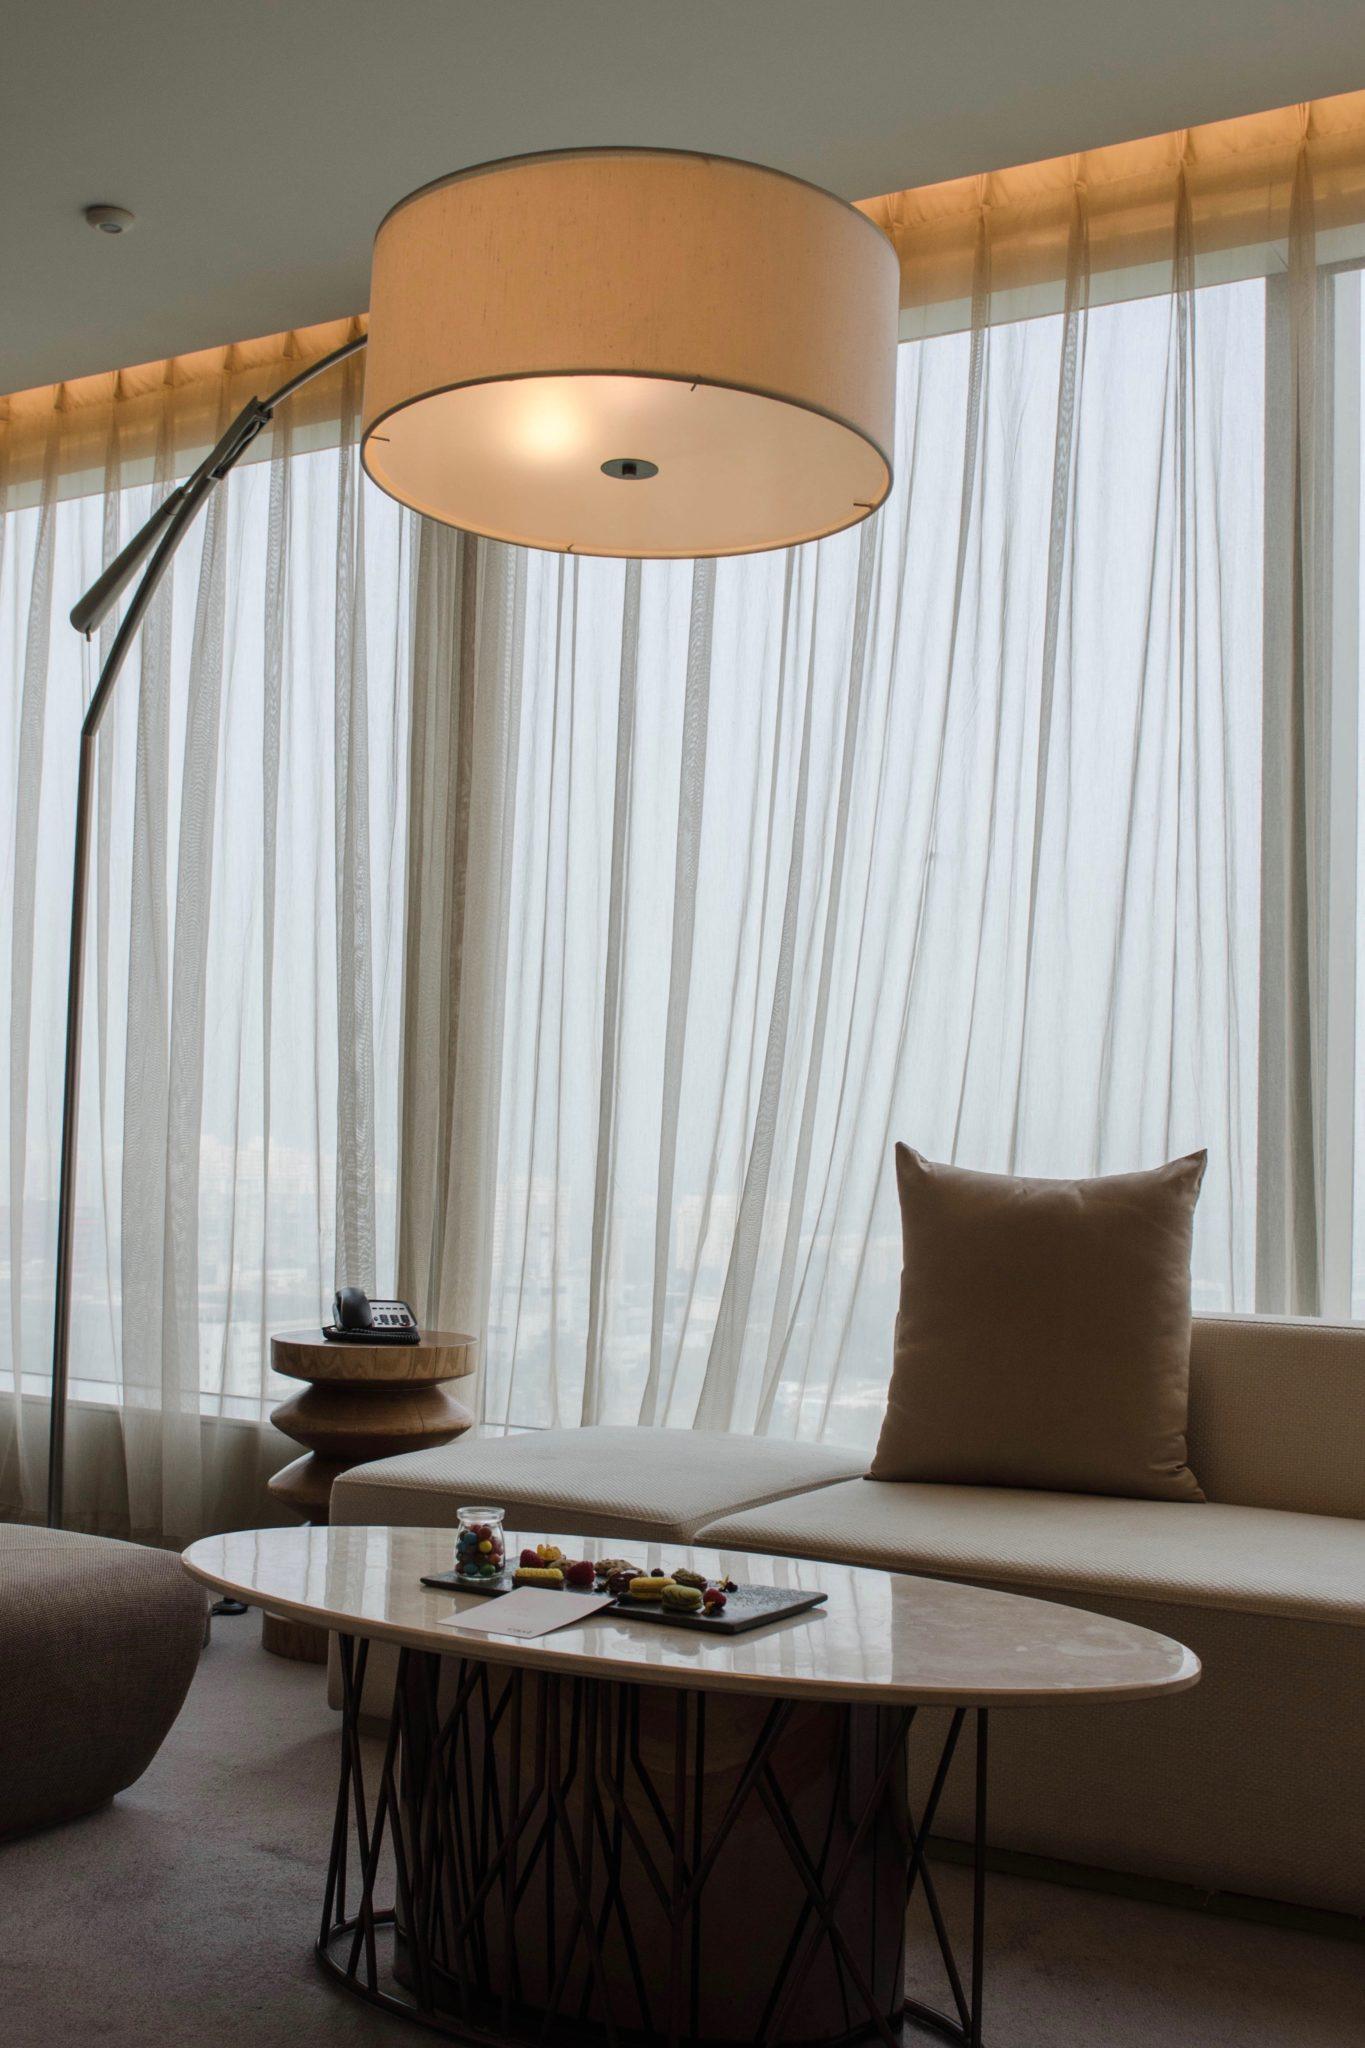 EAST Hotel Peking: Auch eine schicke Sitzecke befindet sich im Zimmer